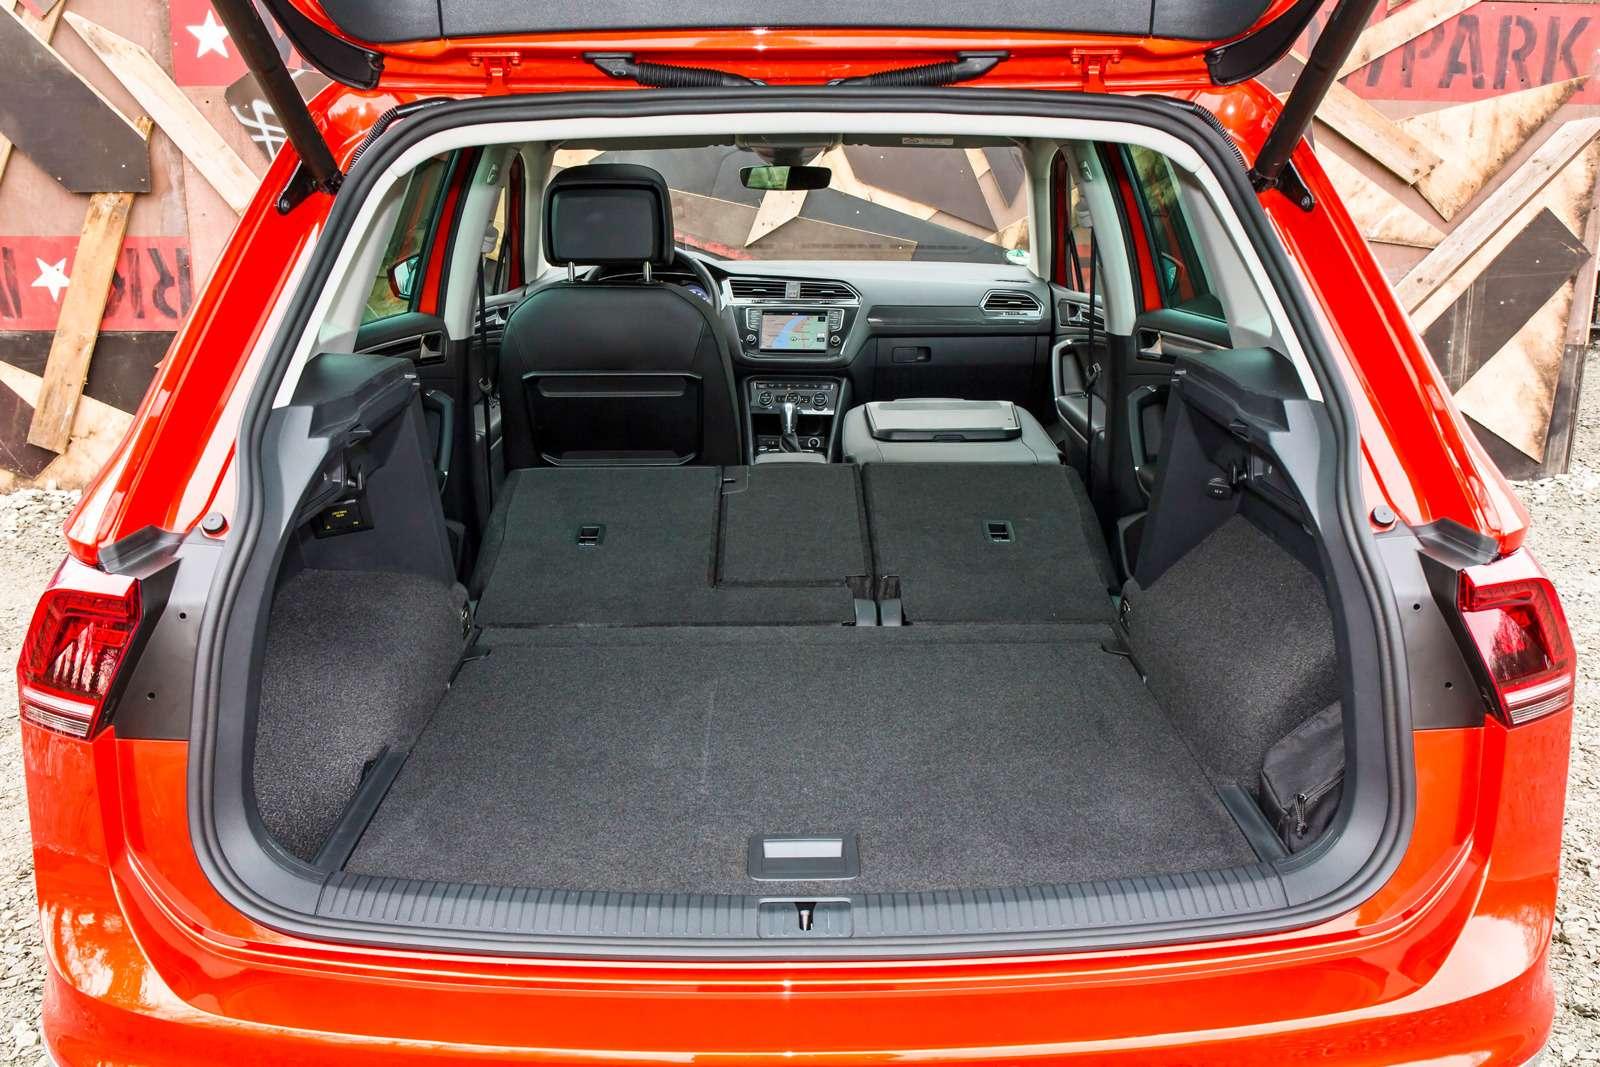 Тест нового Volkswagen Tiguan: победа экологов надавтоспортсменами— фото 594456